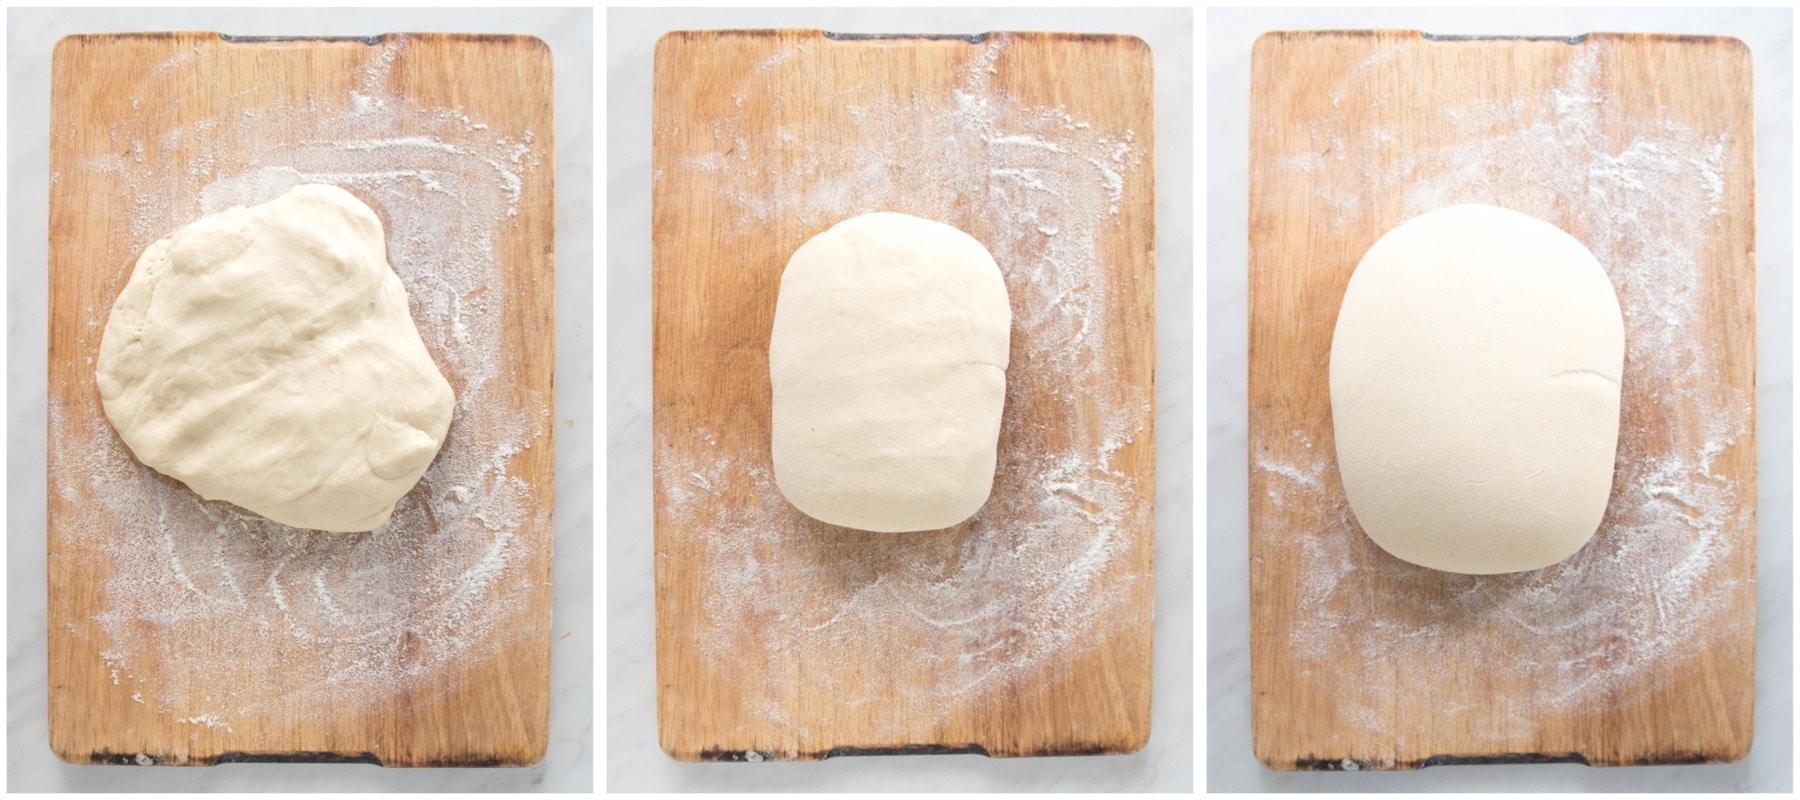 genoese focaccia recipe